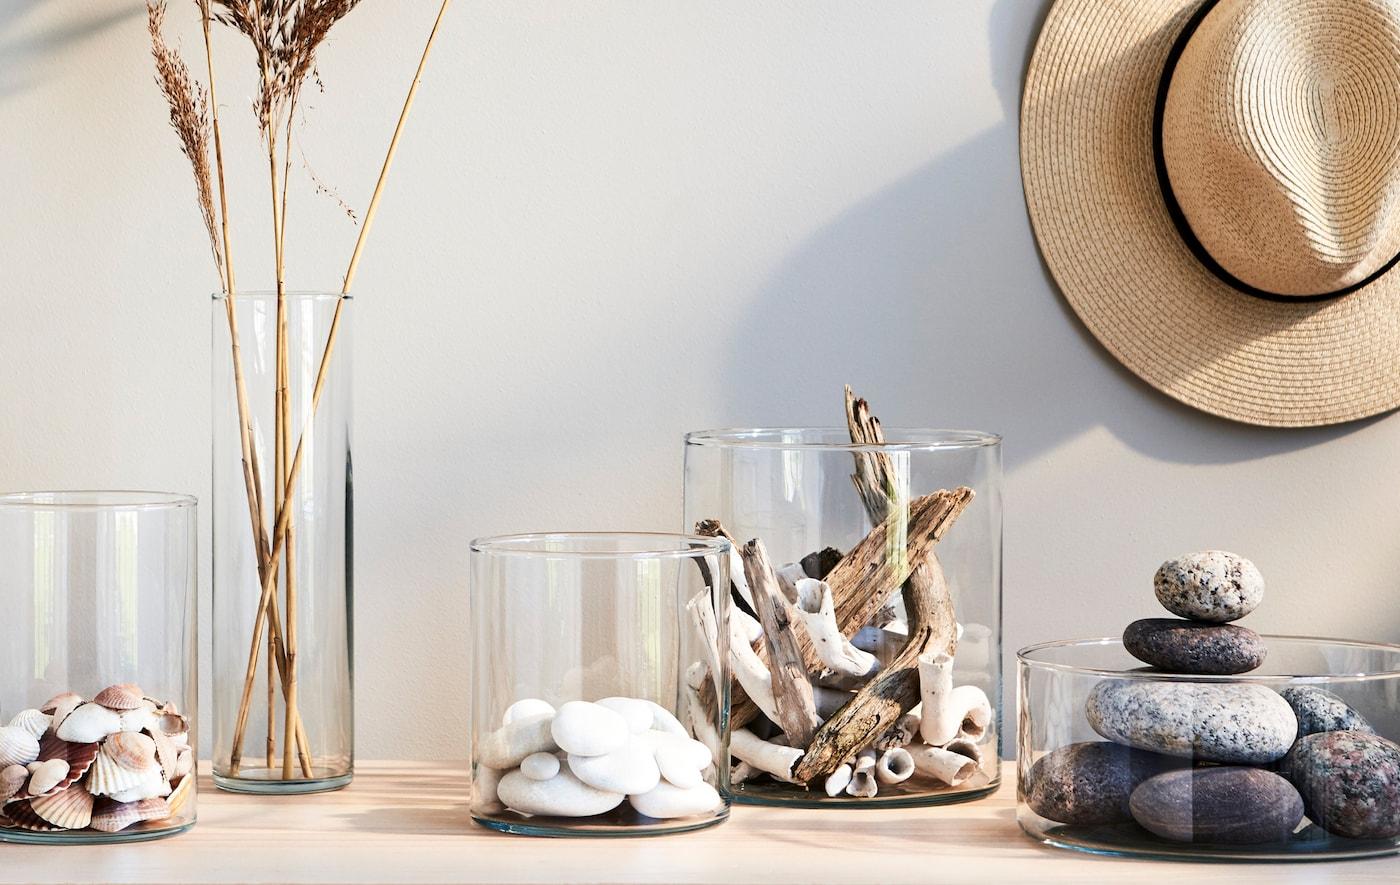 Glasschalen & -vasen dekoriert mit Muscheln, Steinen & getrocknetem Raps erinnern an Sommer